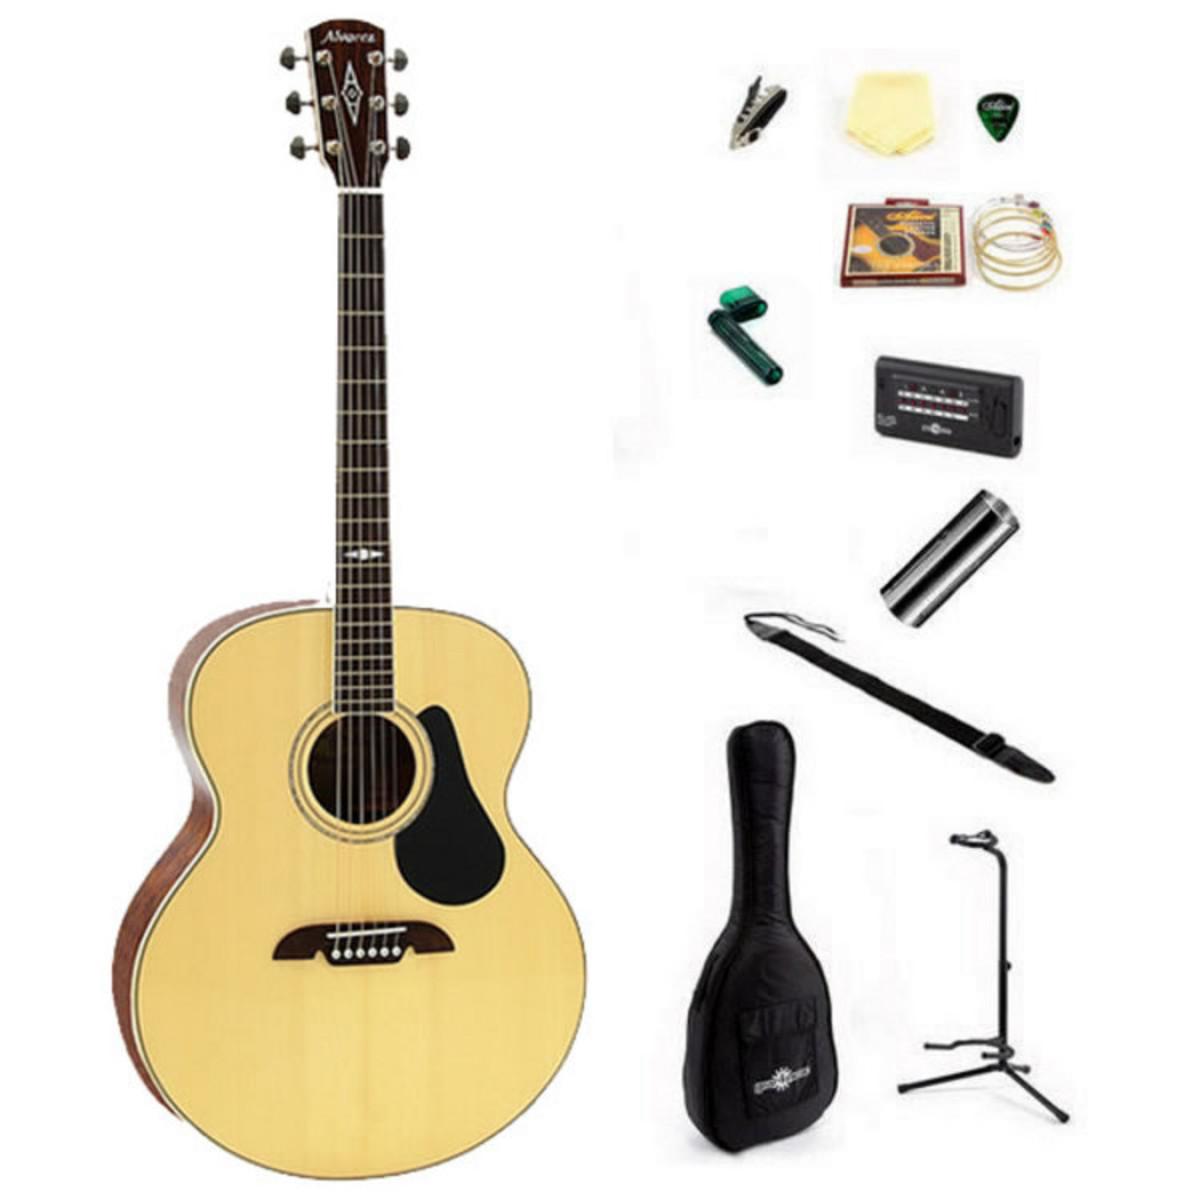 Alvarez AJ417 Jumbo Acoustic Guitar + Perfect Ten Pack At